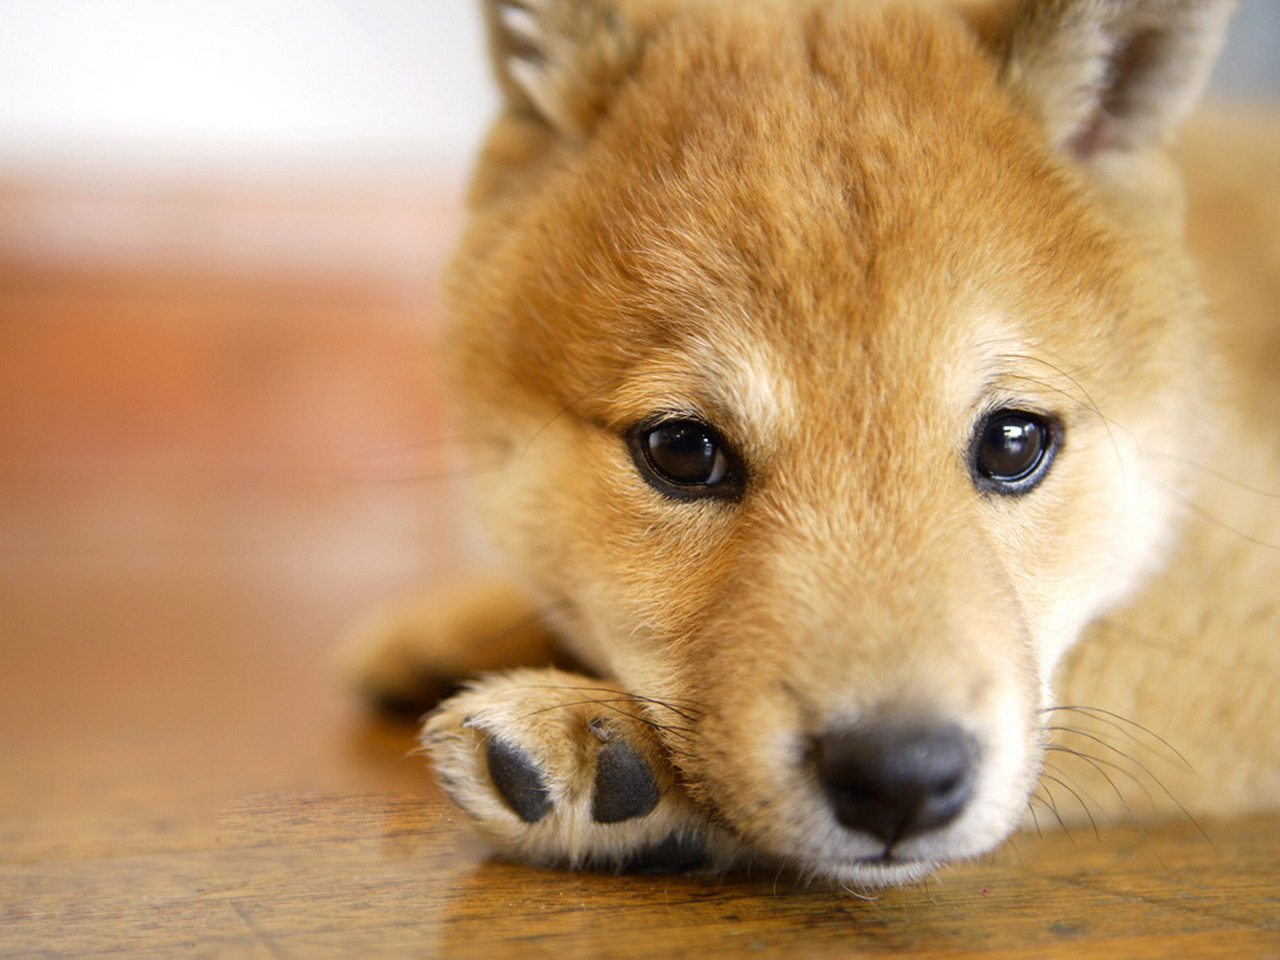 狗狗家族-日本柴犬(1280x960)壁纸 - 桌面壁纸【壁纸